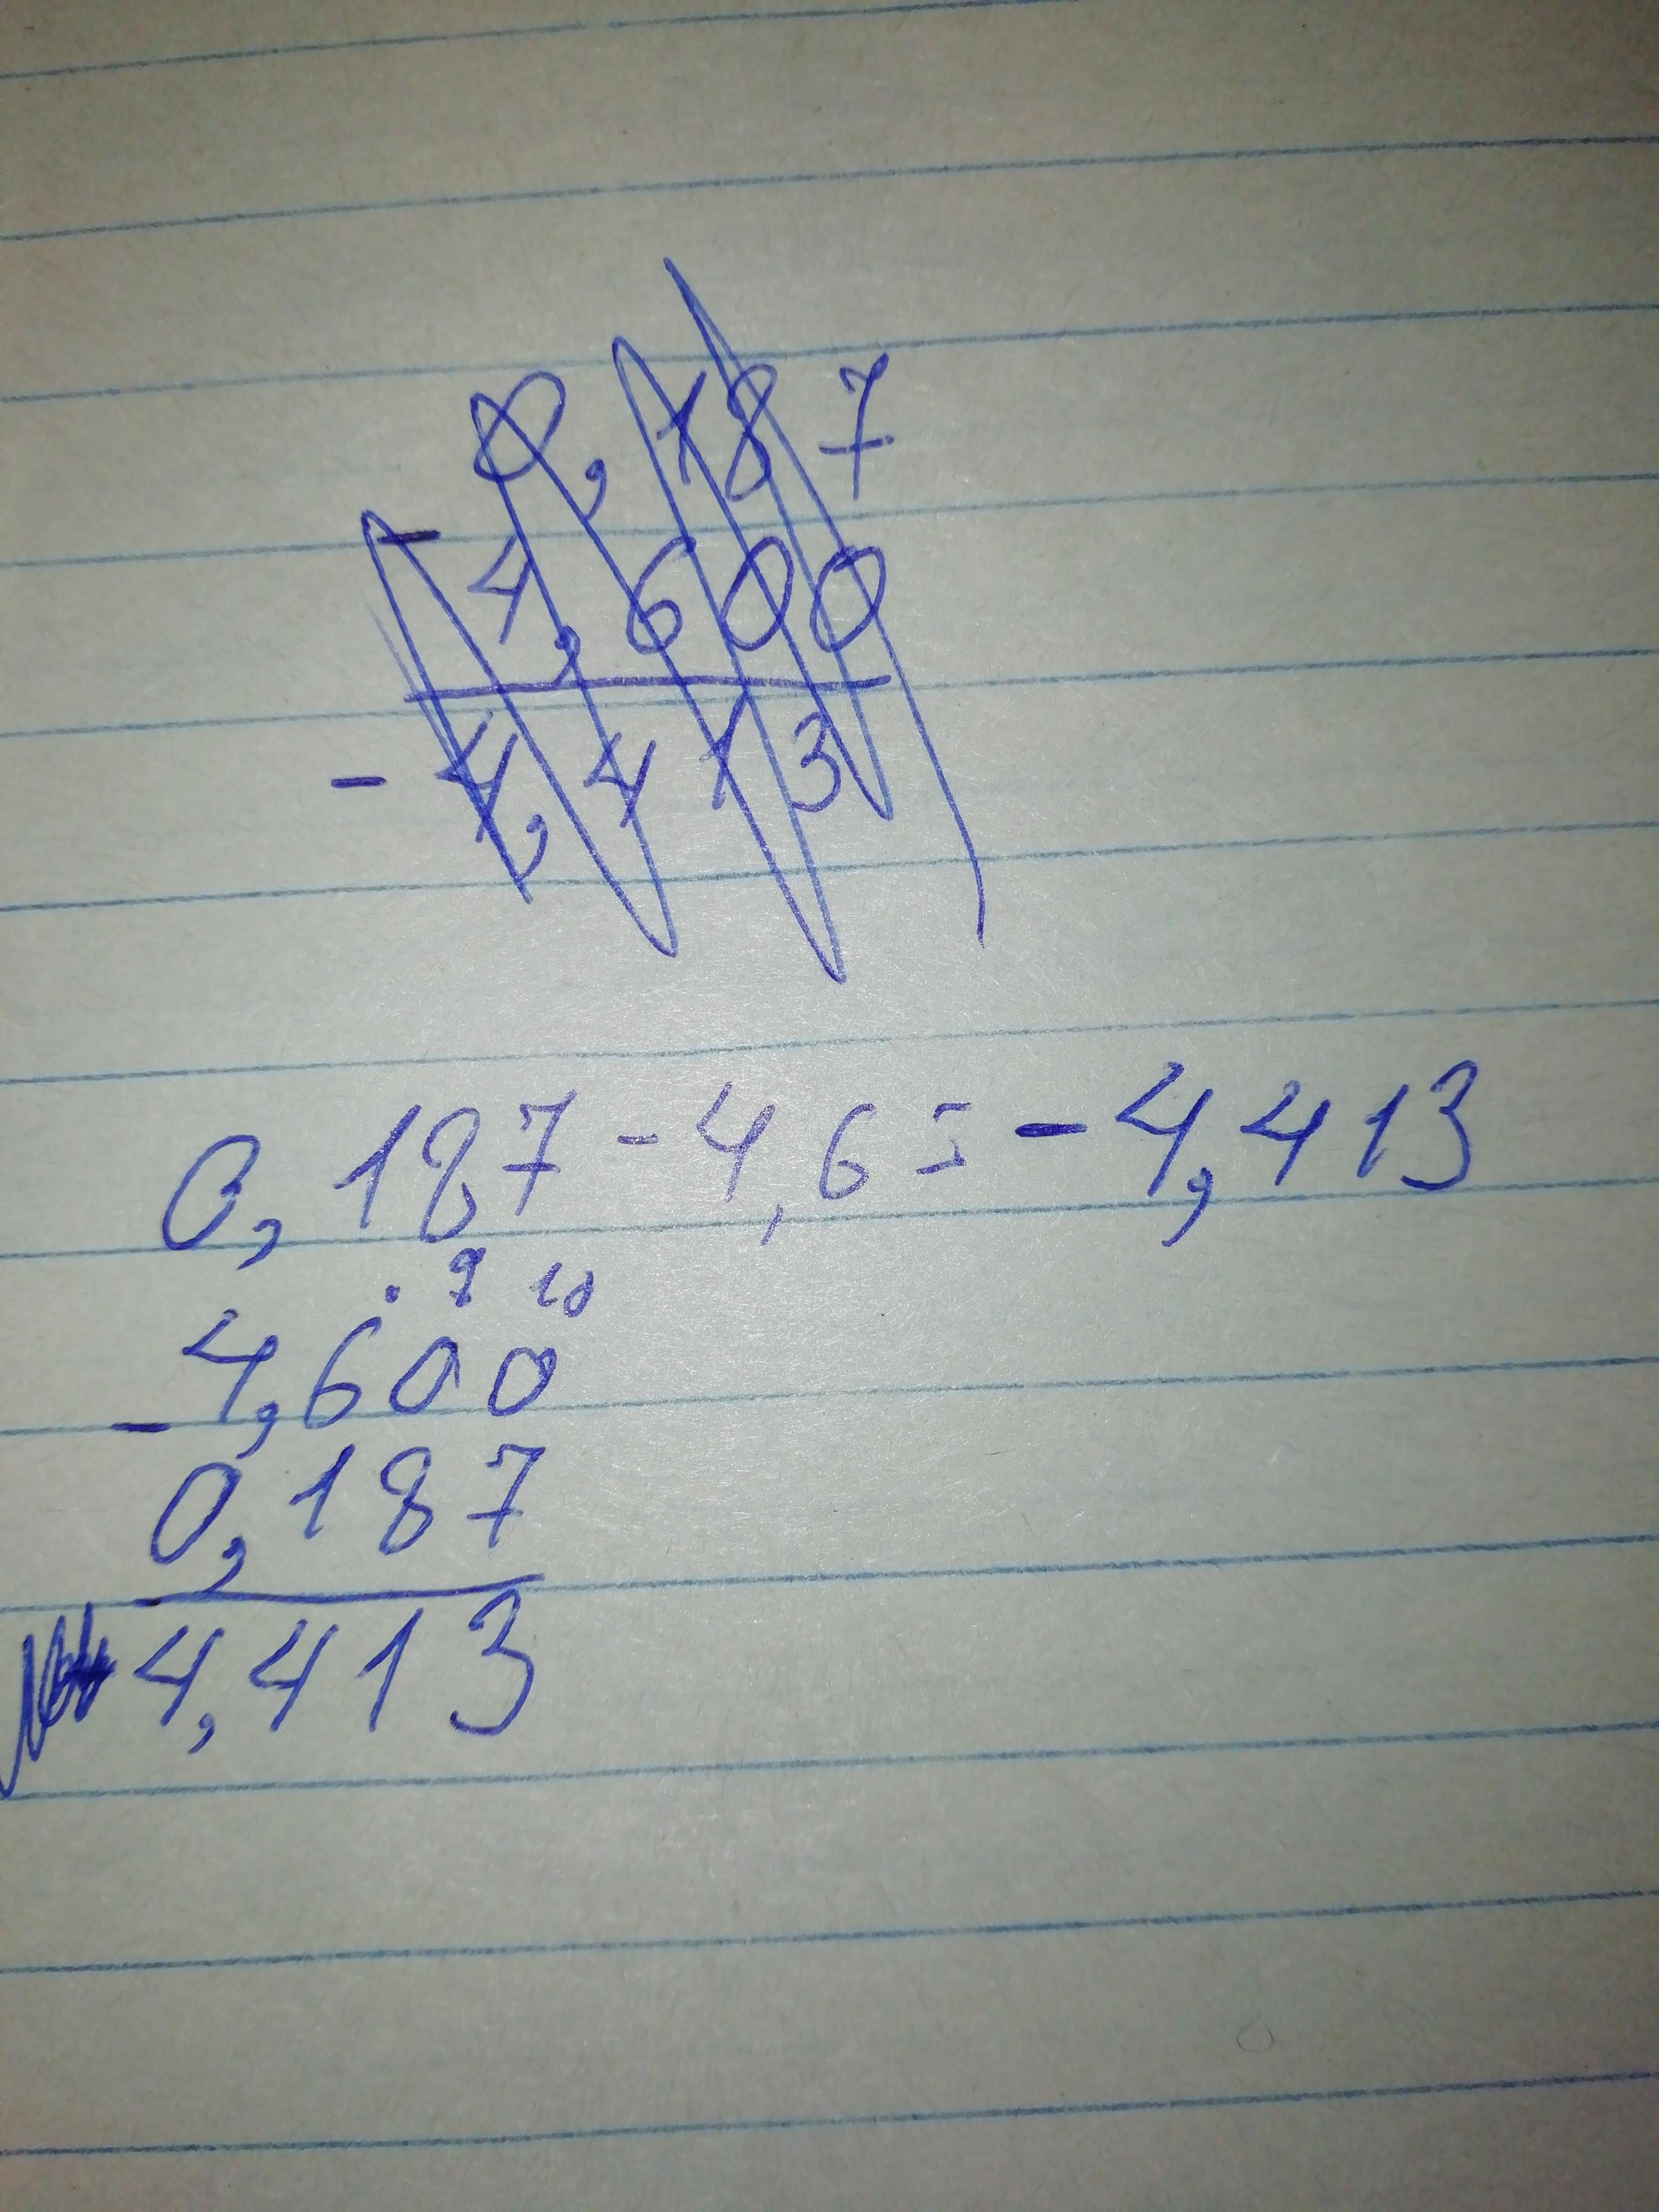 0.187-4.6,как правильно записать??? И